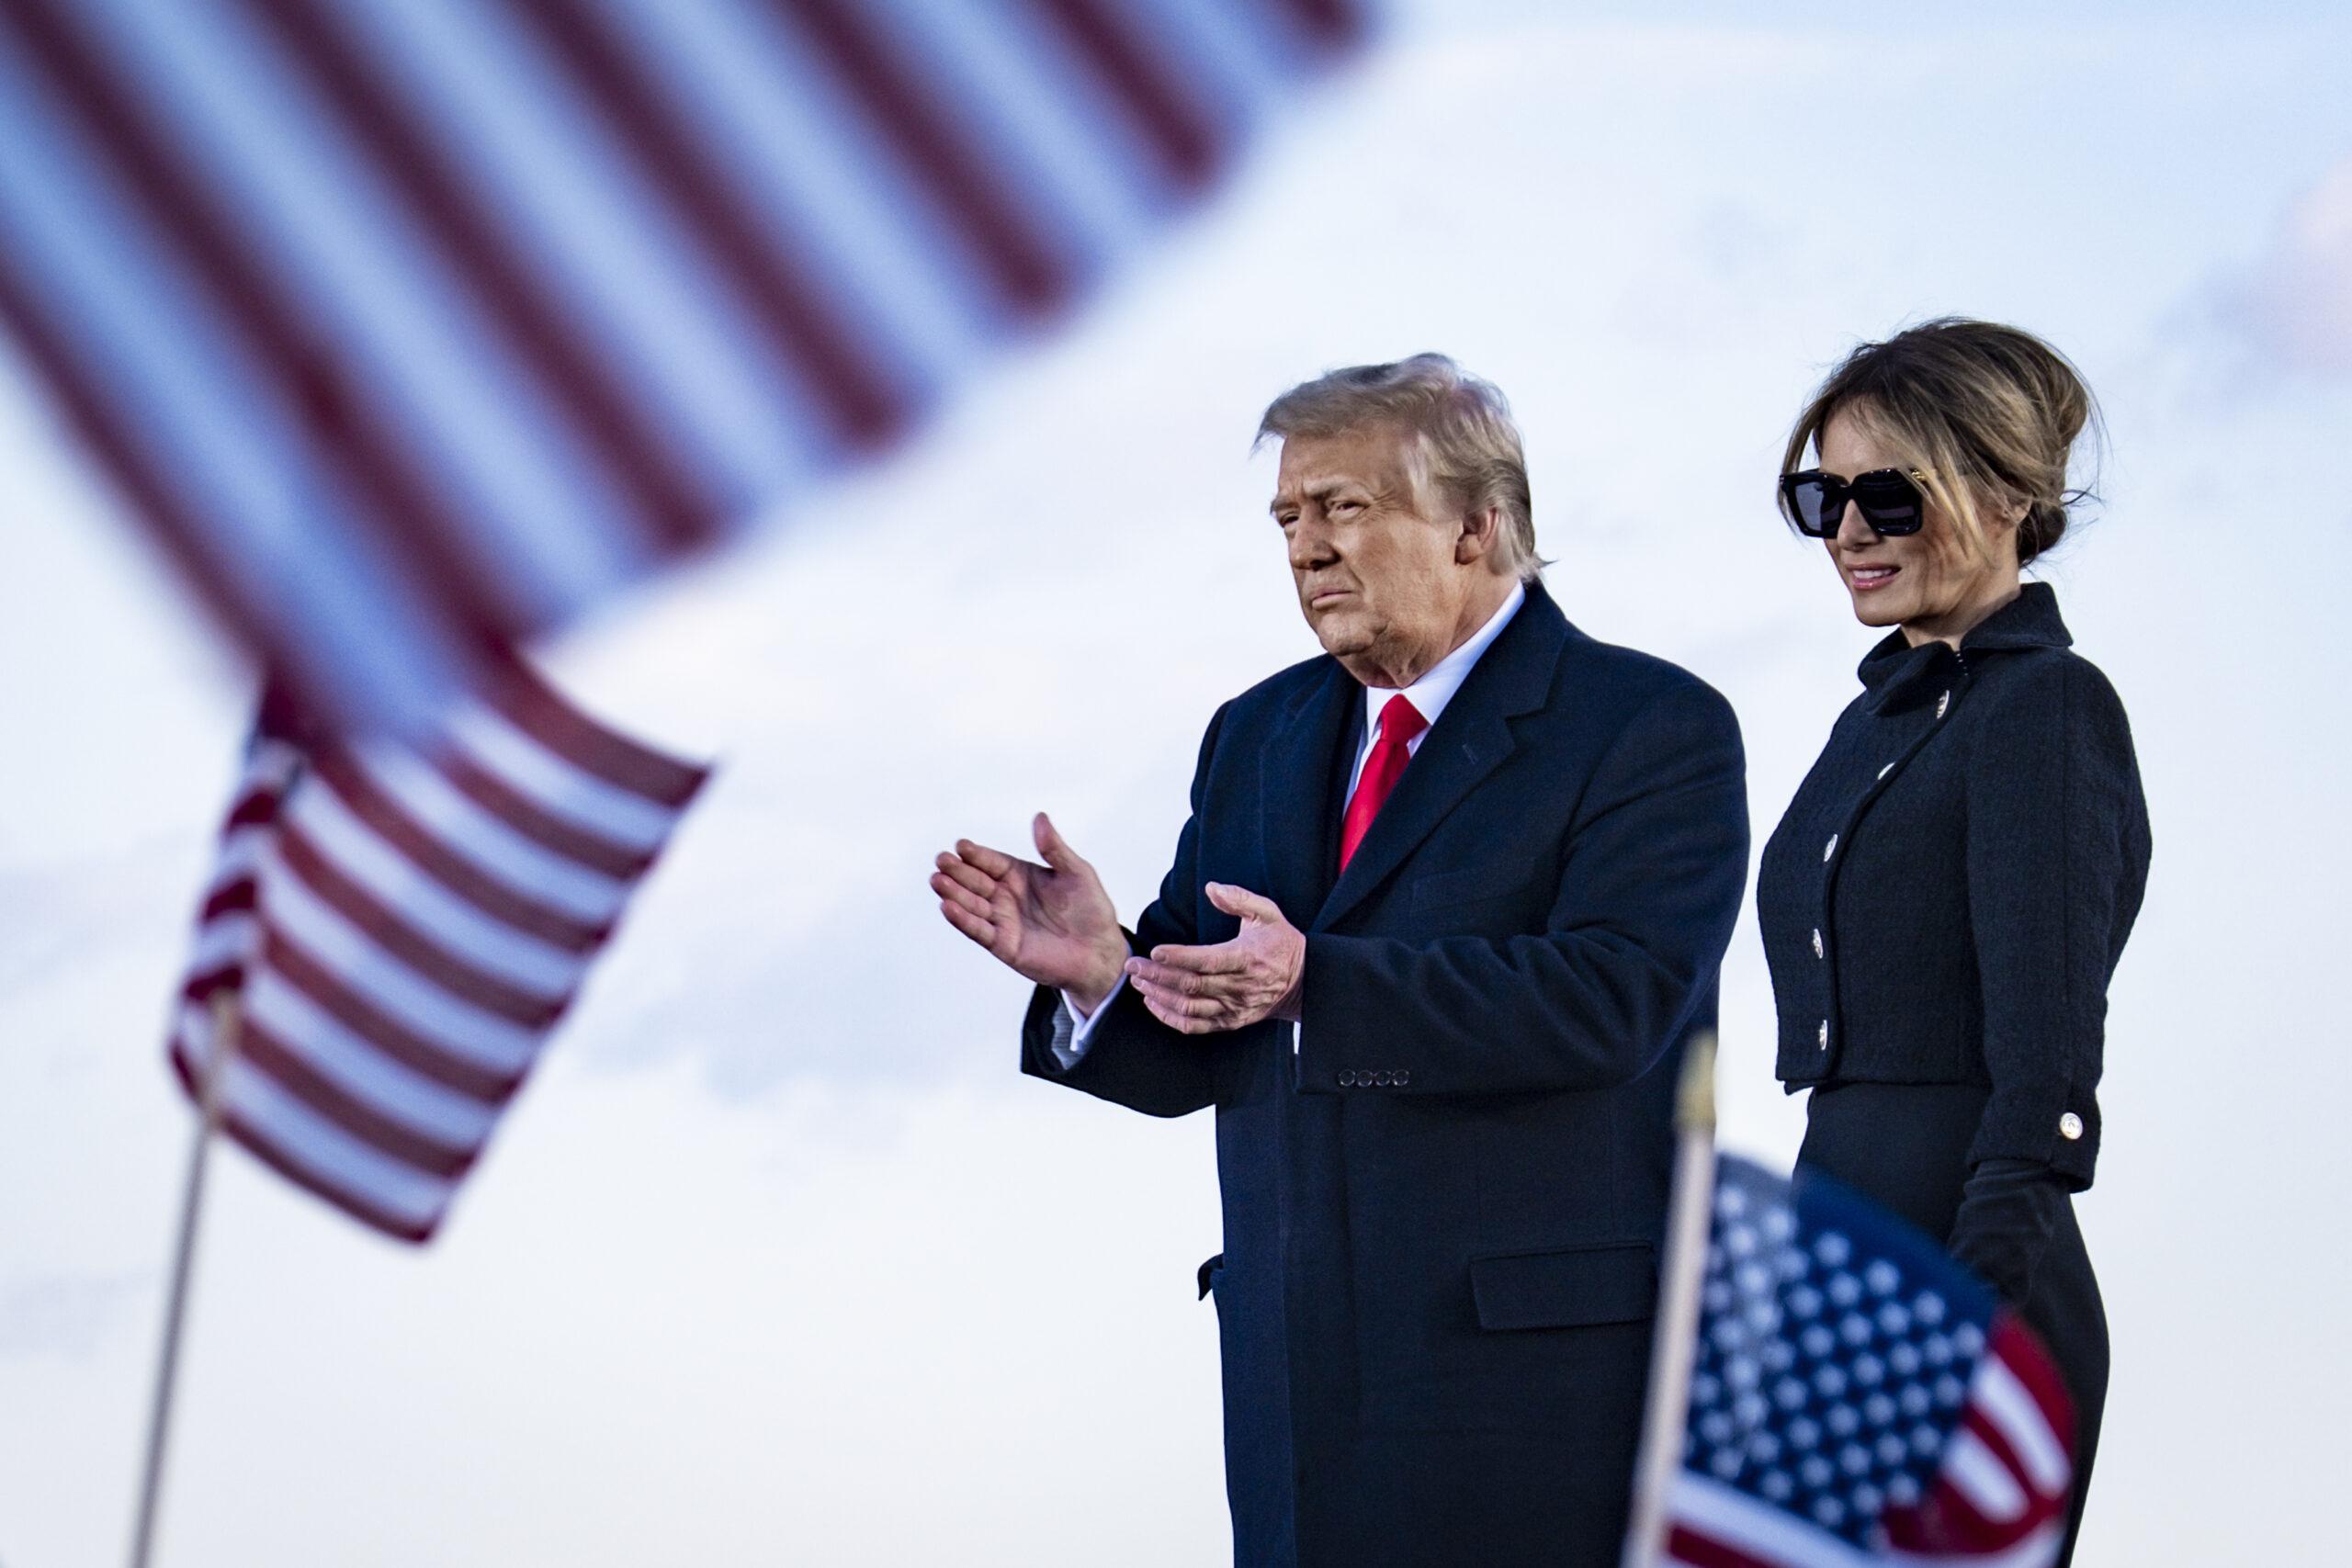 Donald și Melania Trump, fotografiați înainte de a urca în avionul cu destinația Florida, în ultima zi petrecută la Casa Albă